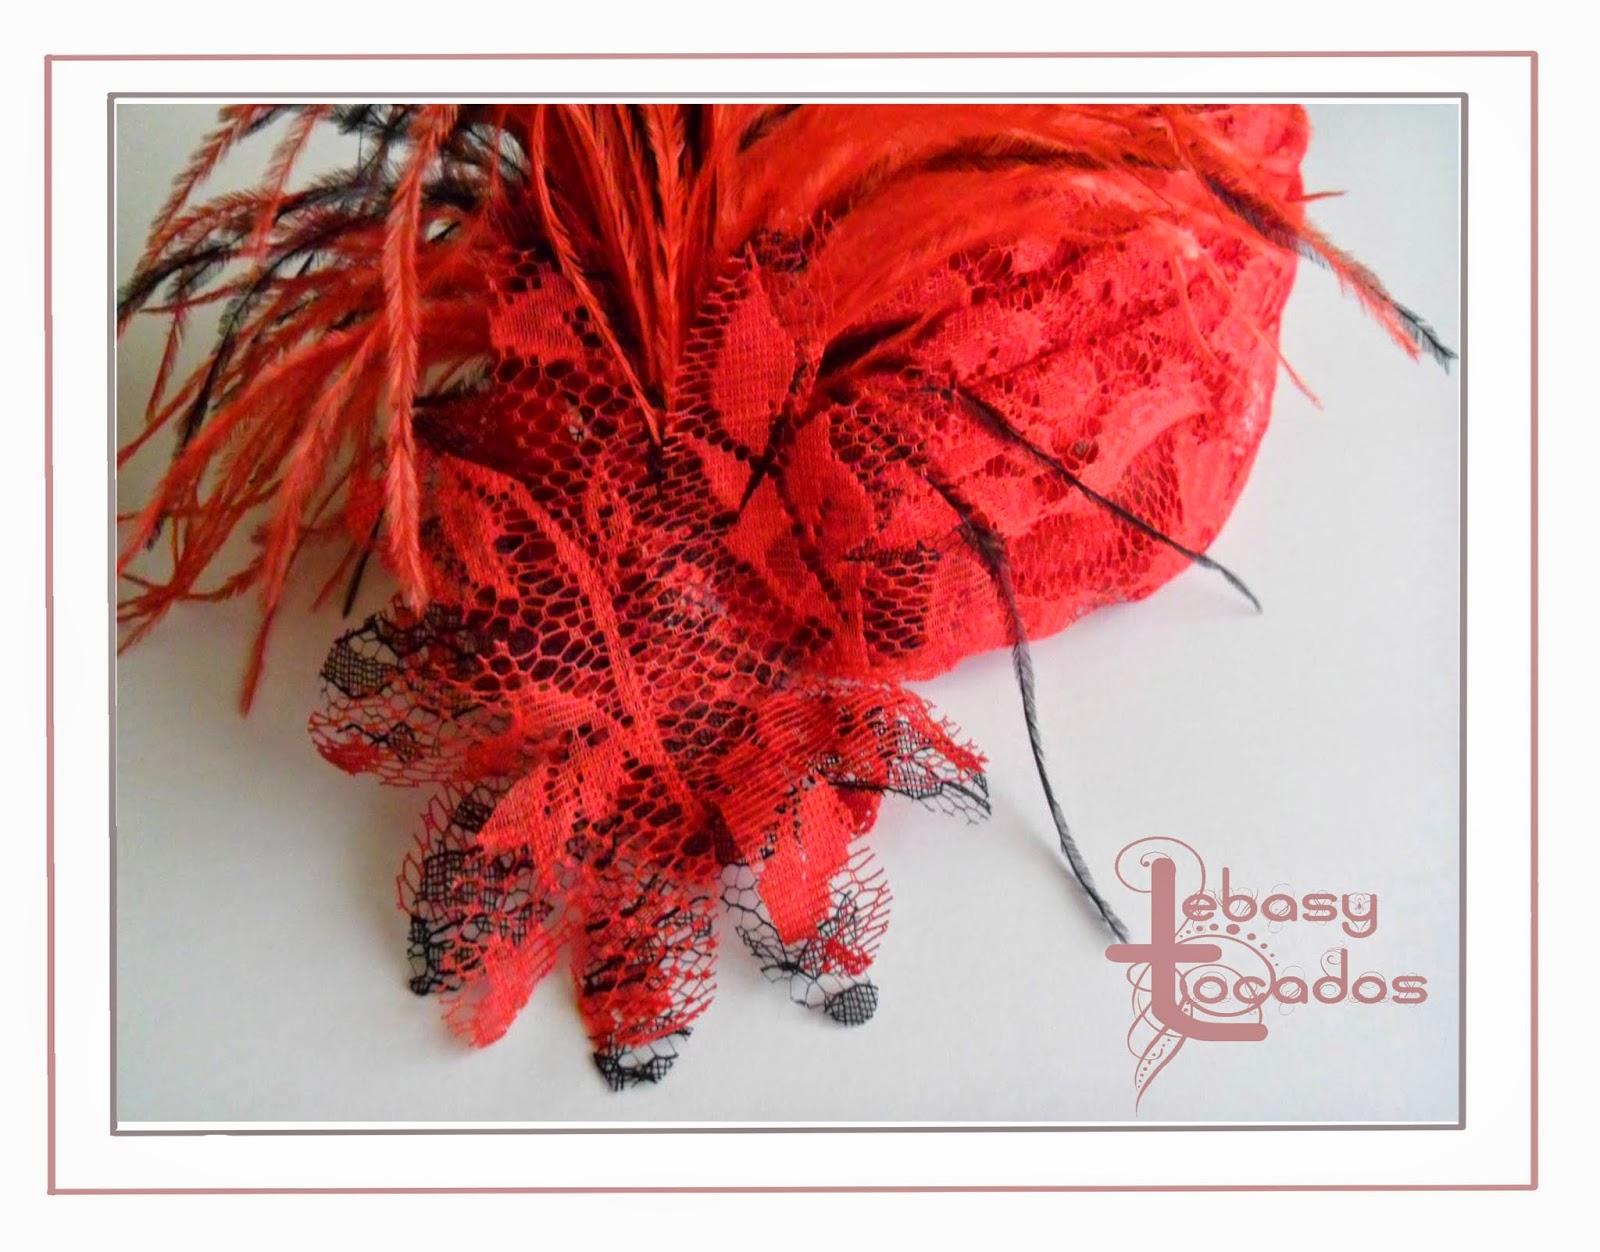 Banda en tono rojo y negro de sinamay y plumas de Lebasy Tocados